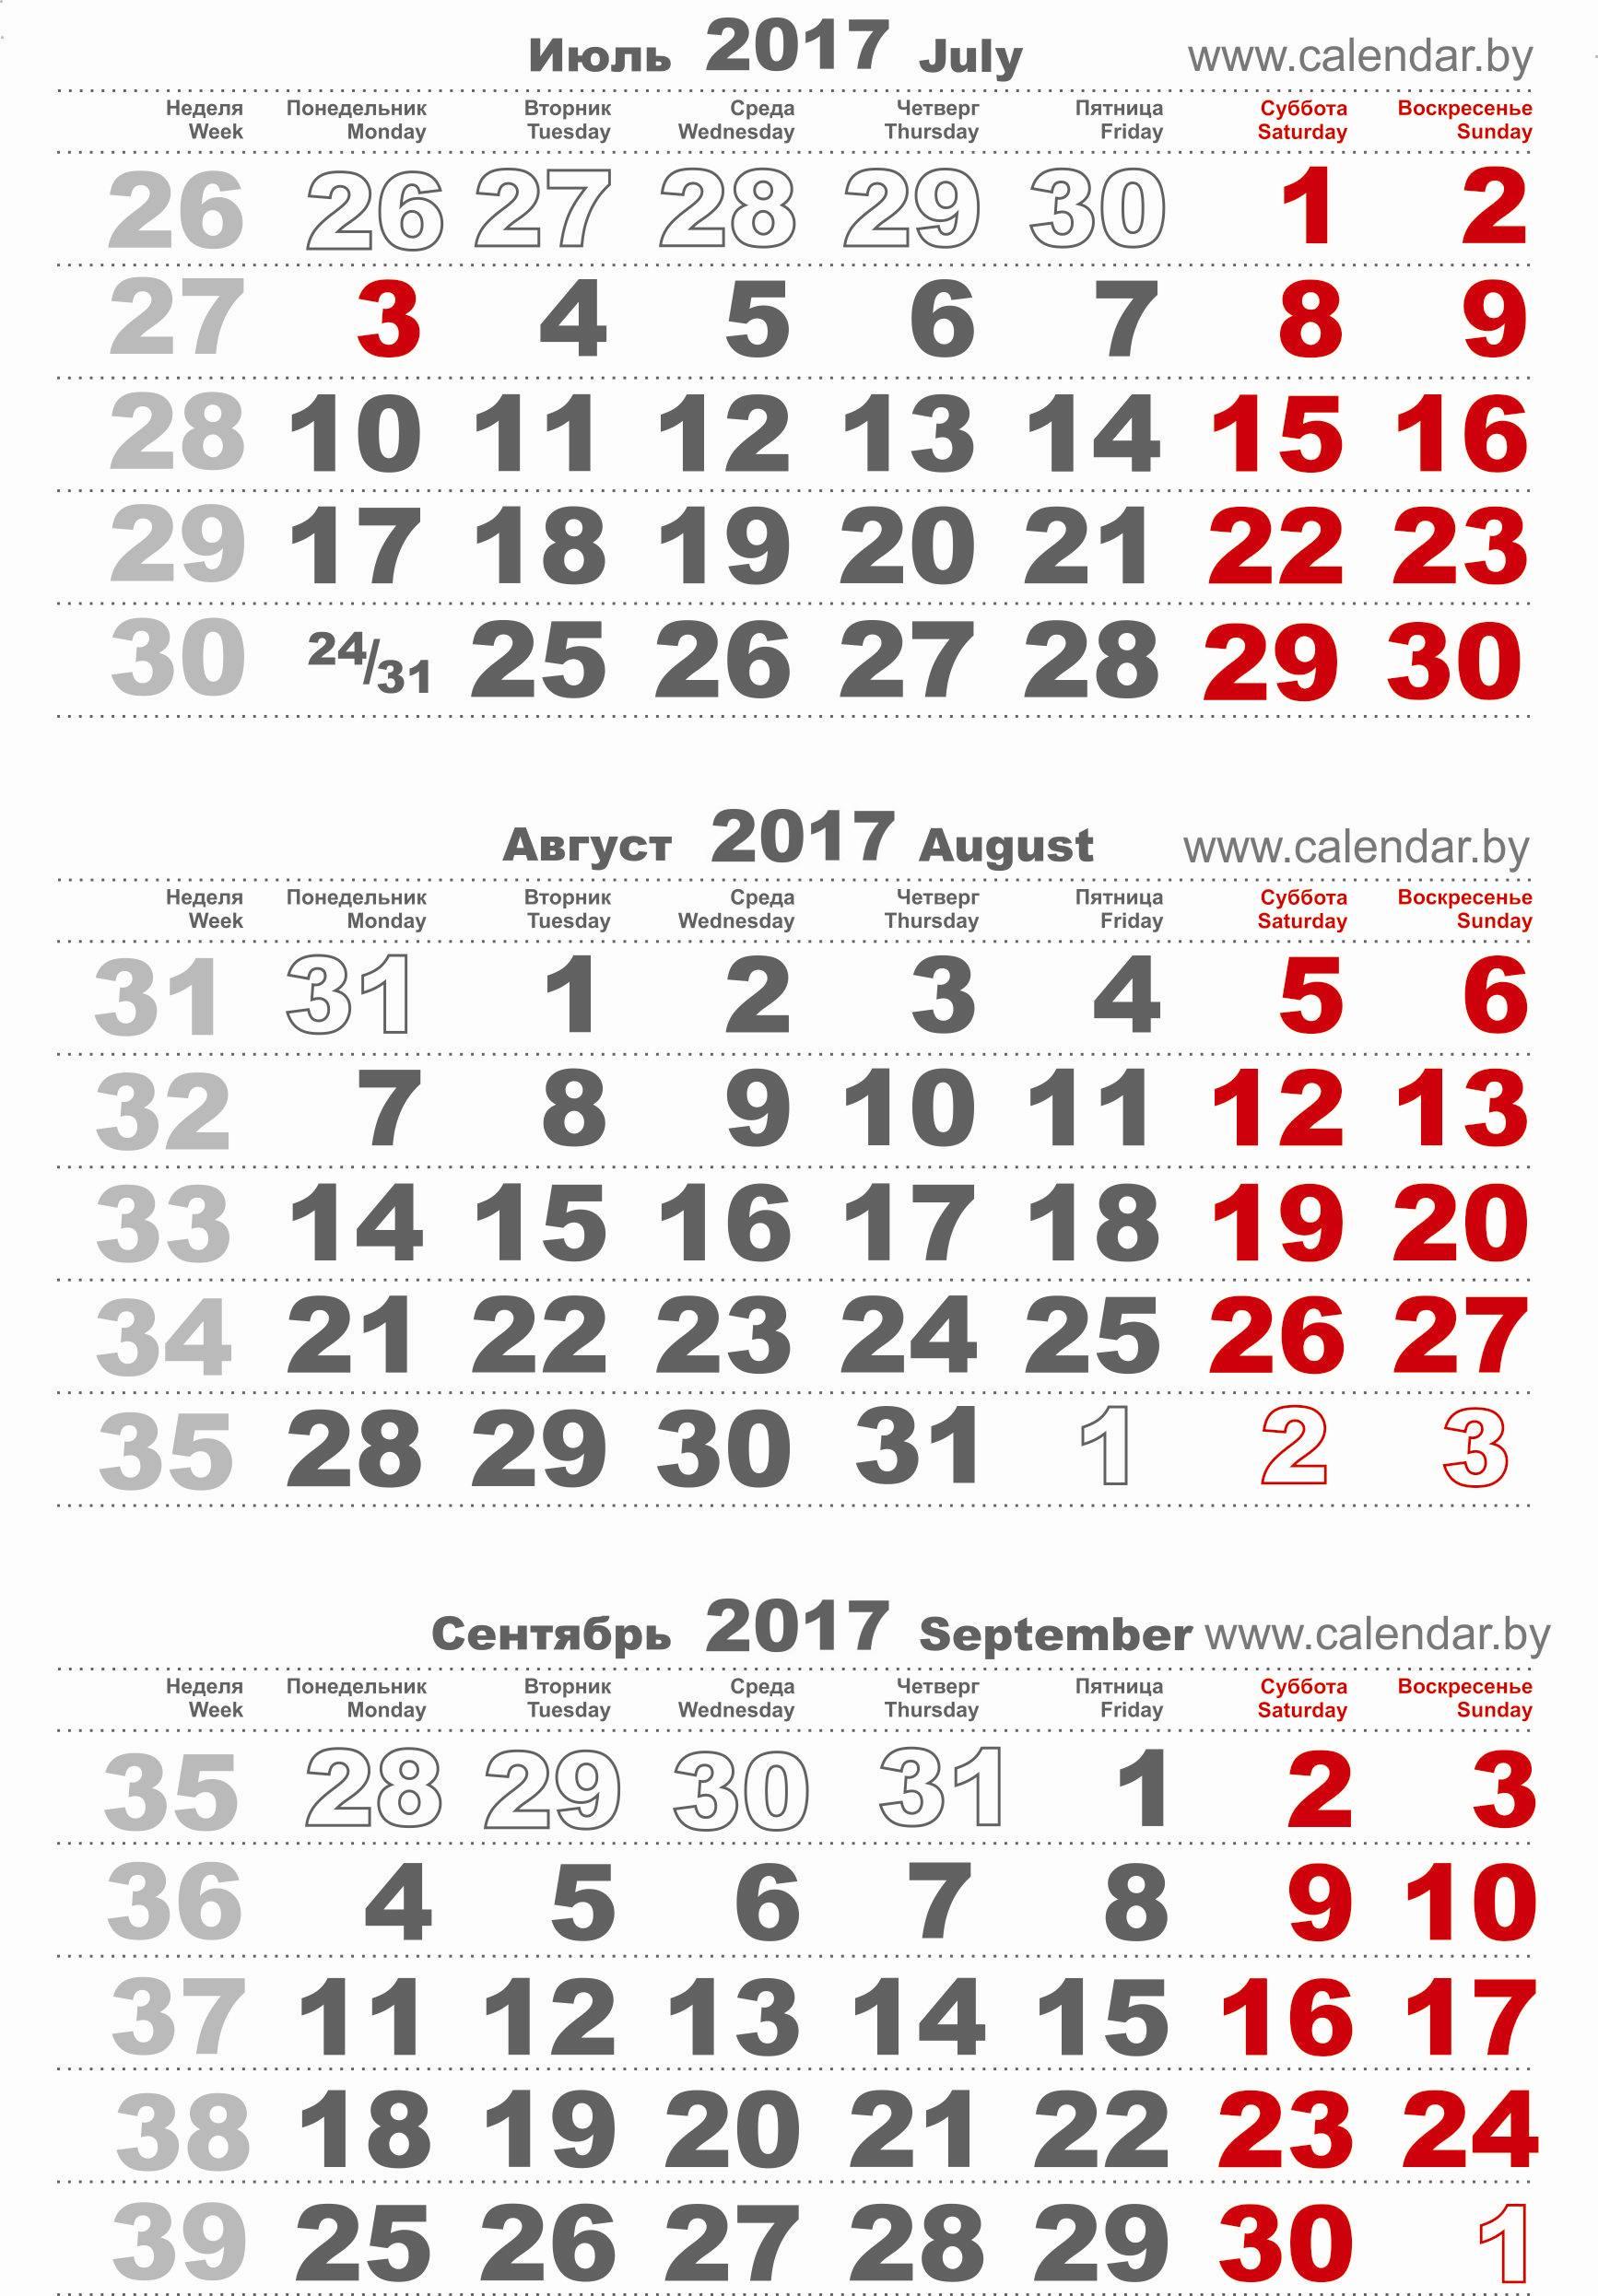 Когда лучше крестить ребенка в мае 2017 году календарь